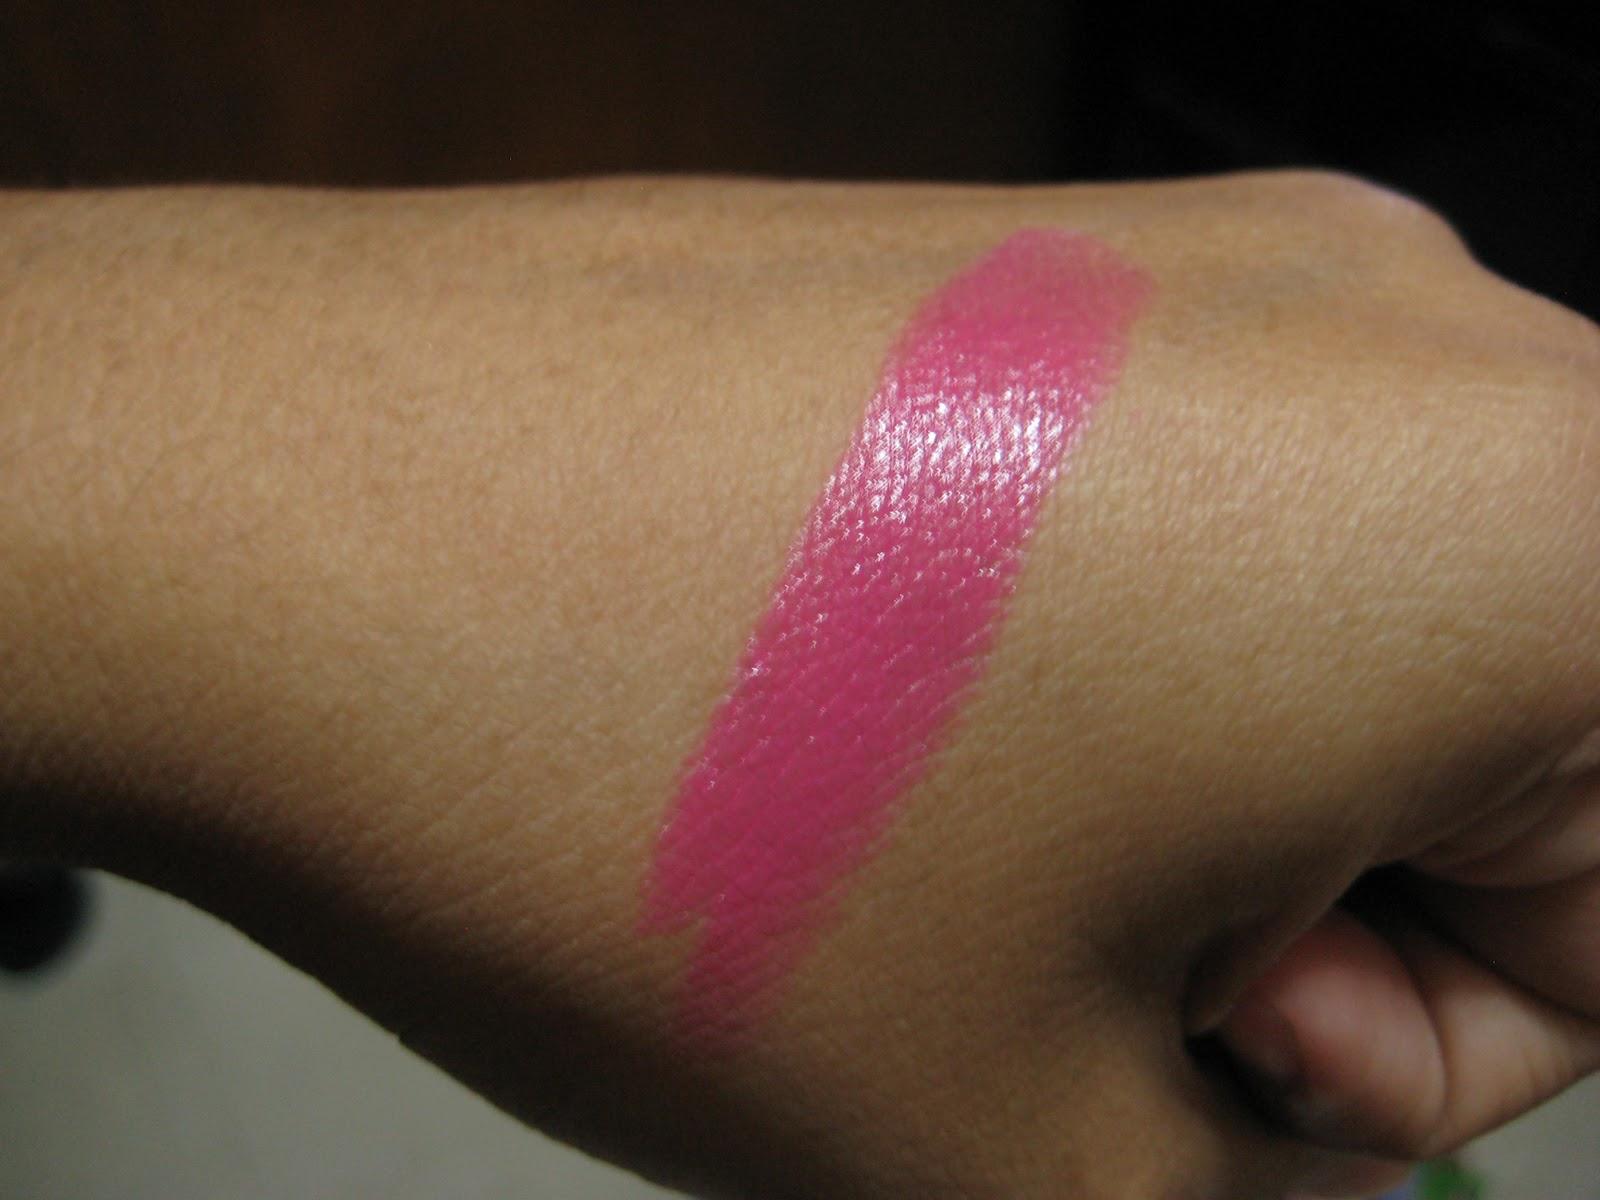 L'Absolu Rouge La Base Rosy Lip Balm & Primer by Lancôme #10